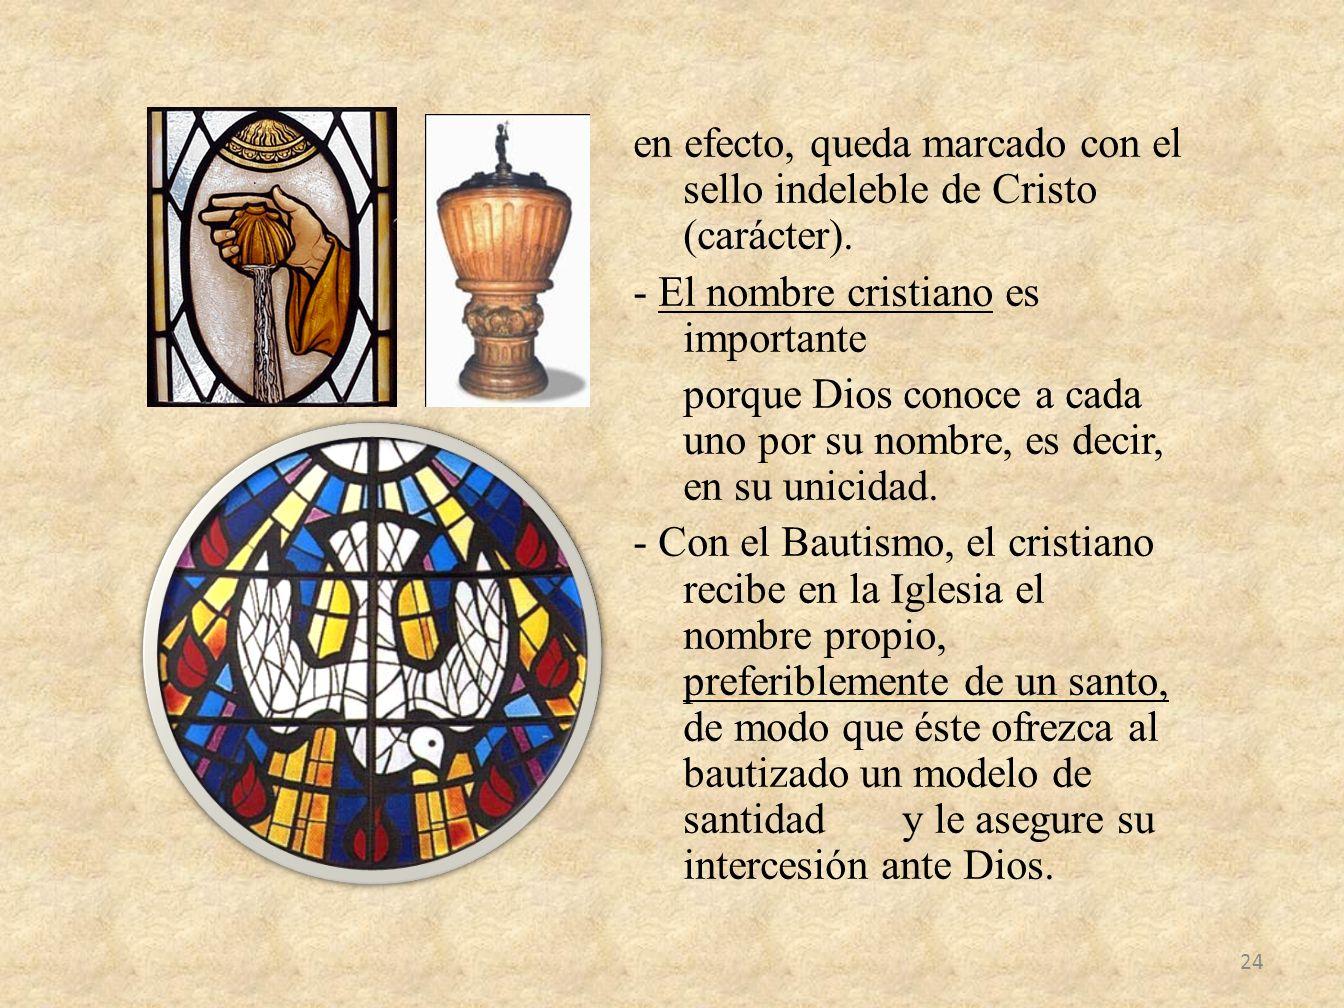 en efecto, queda marcado con el sello indeleble de Cristo (carácter). - El nombre cristiano es importante porque Dios conoce a cada uno por su nombre,